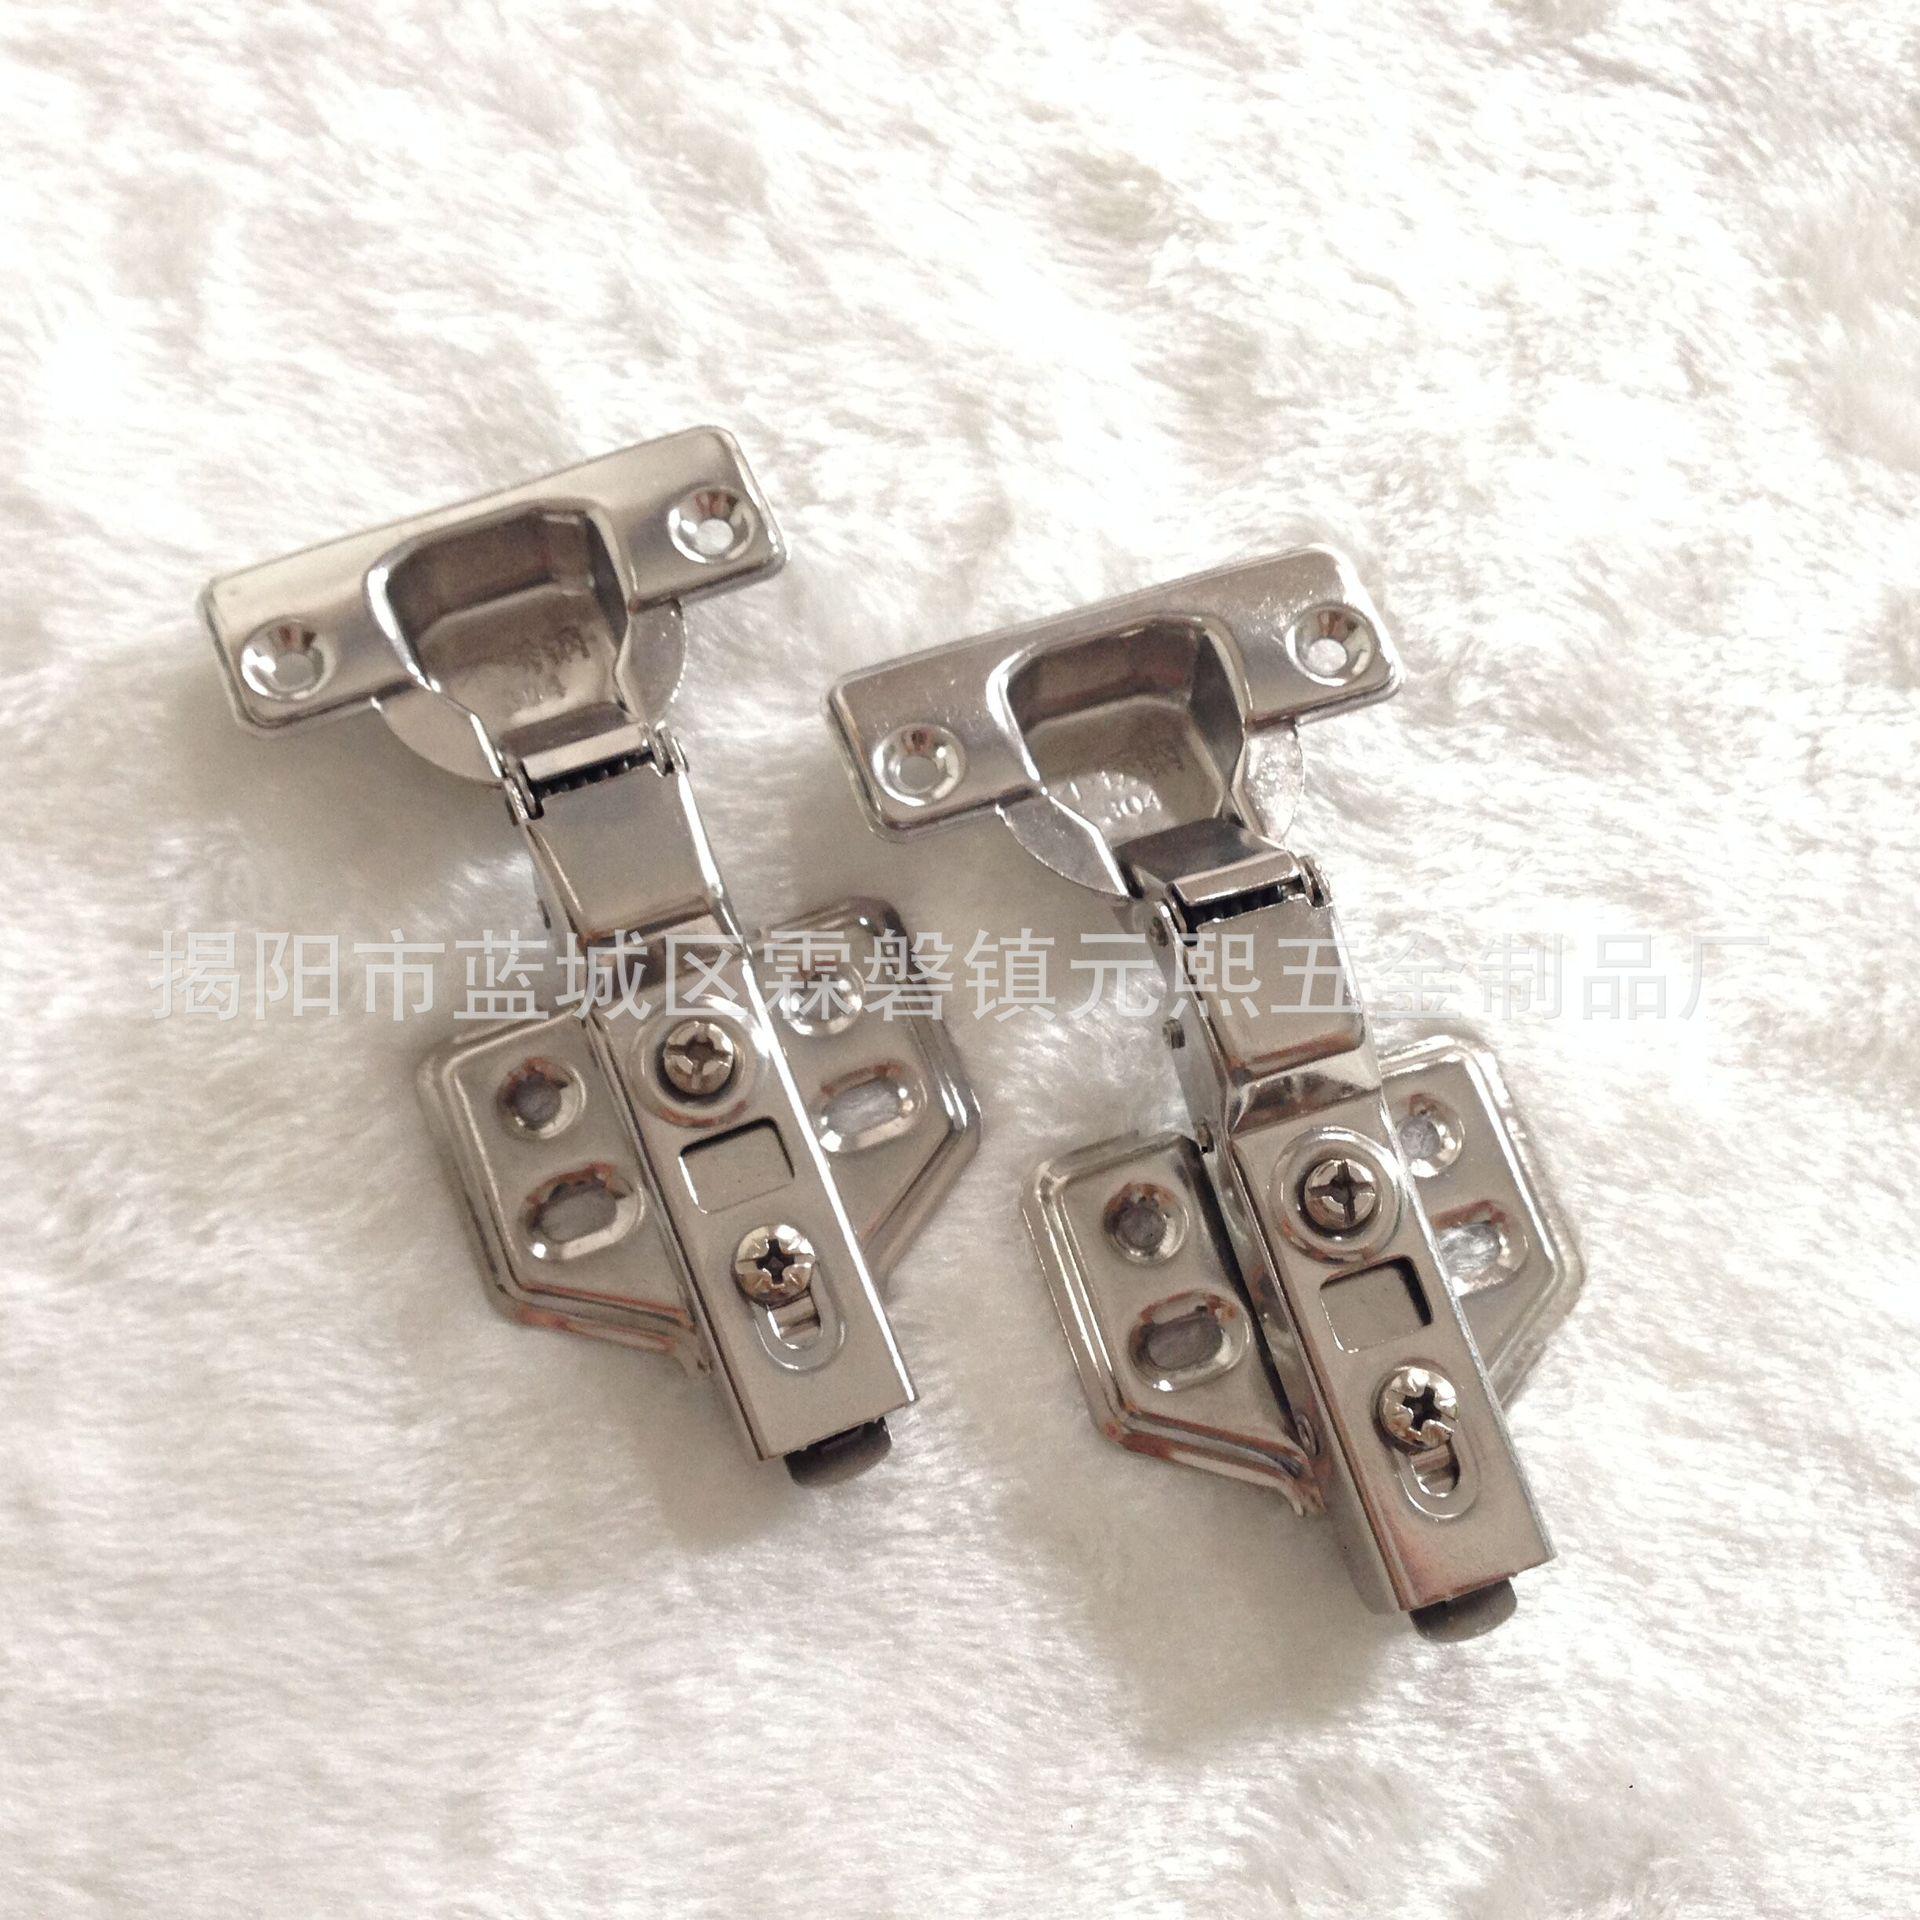 【元熙】不锈钢627自卸1.2mm飞机脚液压铰链/橱柜衣柜门烟斗合页